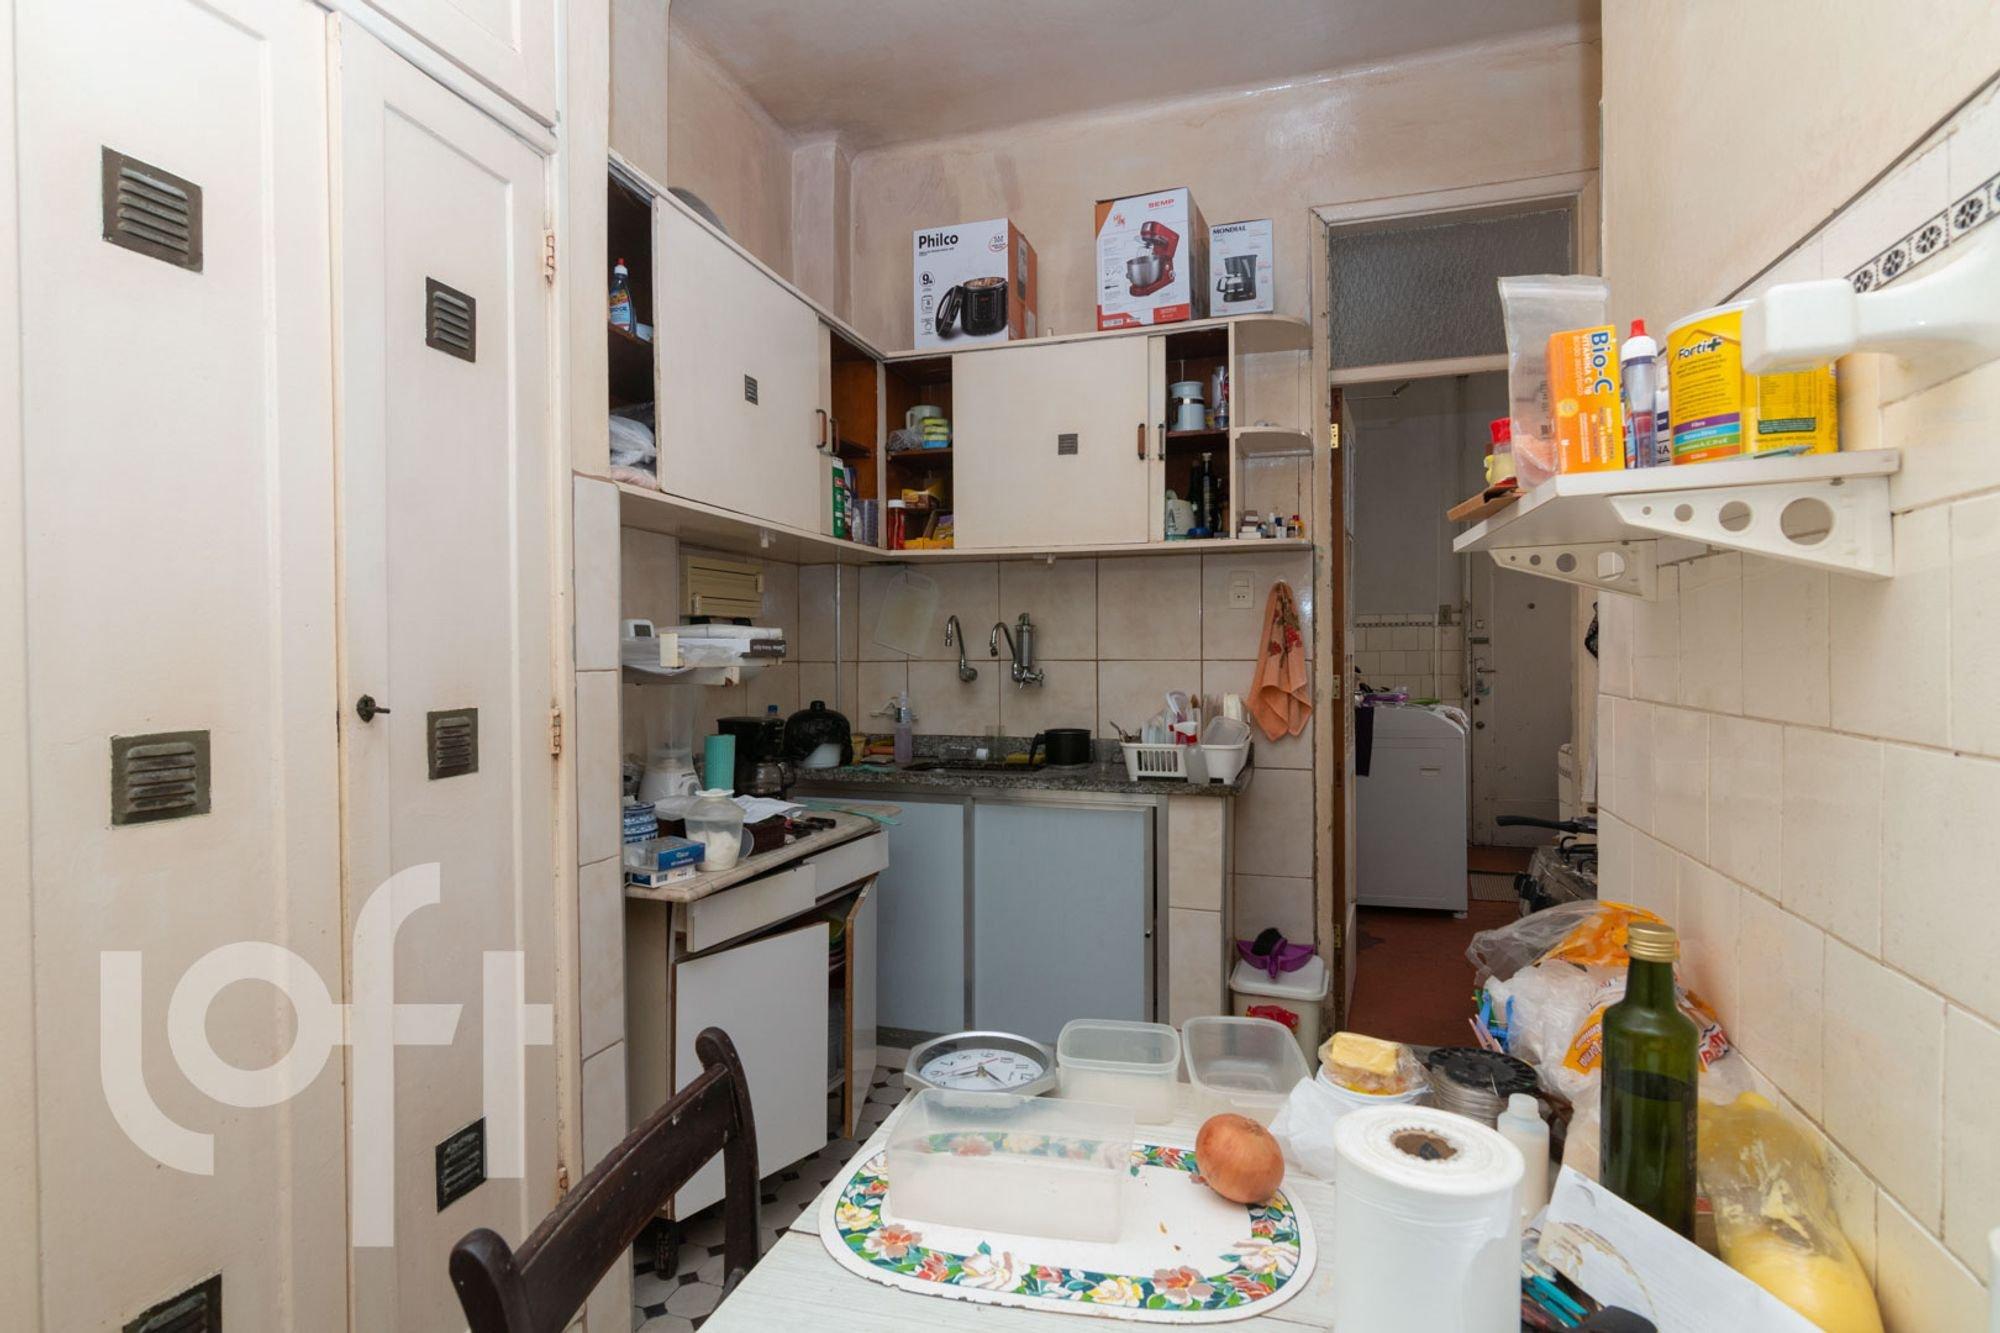 Foto de Cozinha com garrafa, forno, tigela, cadeira, mesa de jantar, xícara